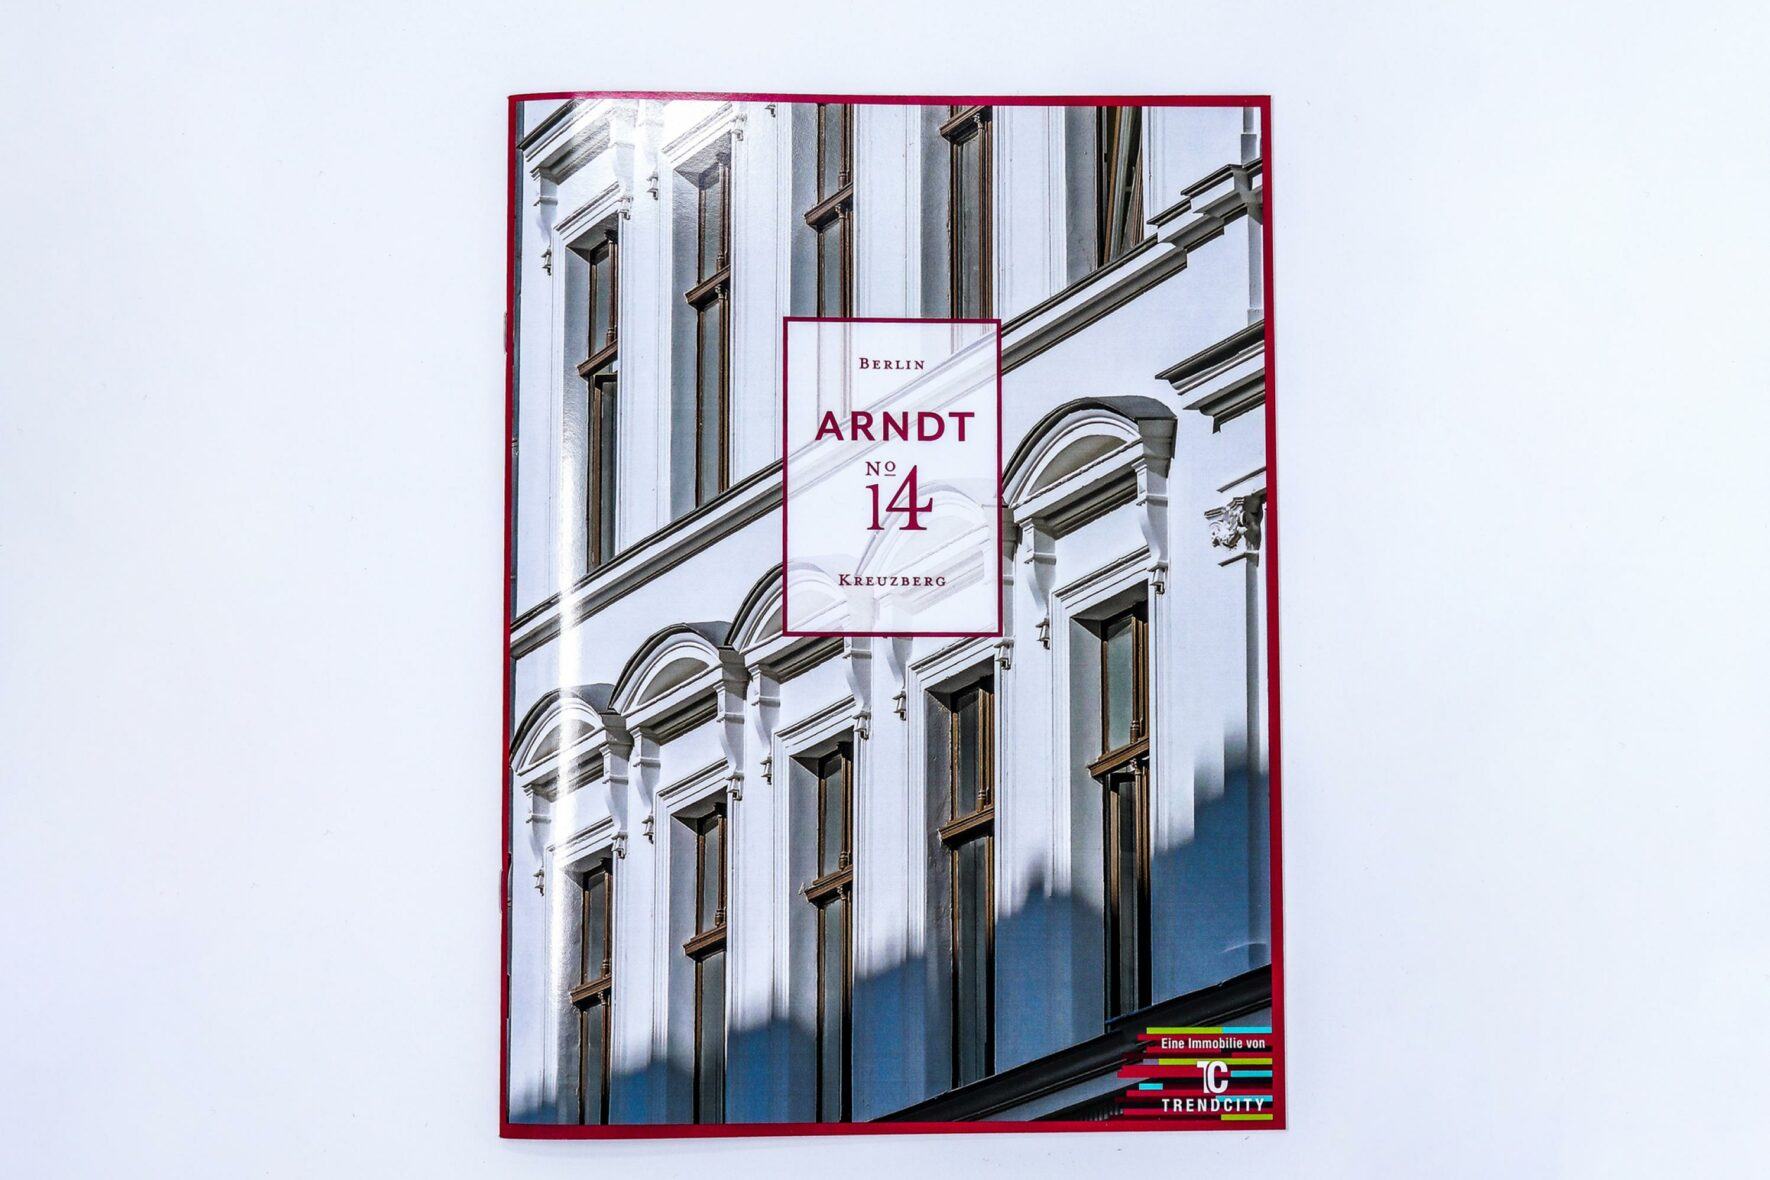 Corporate_Design-Trendcity-Immobilien-Broschüre-Gestaltung-5